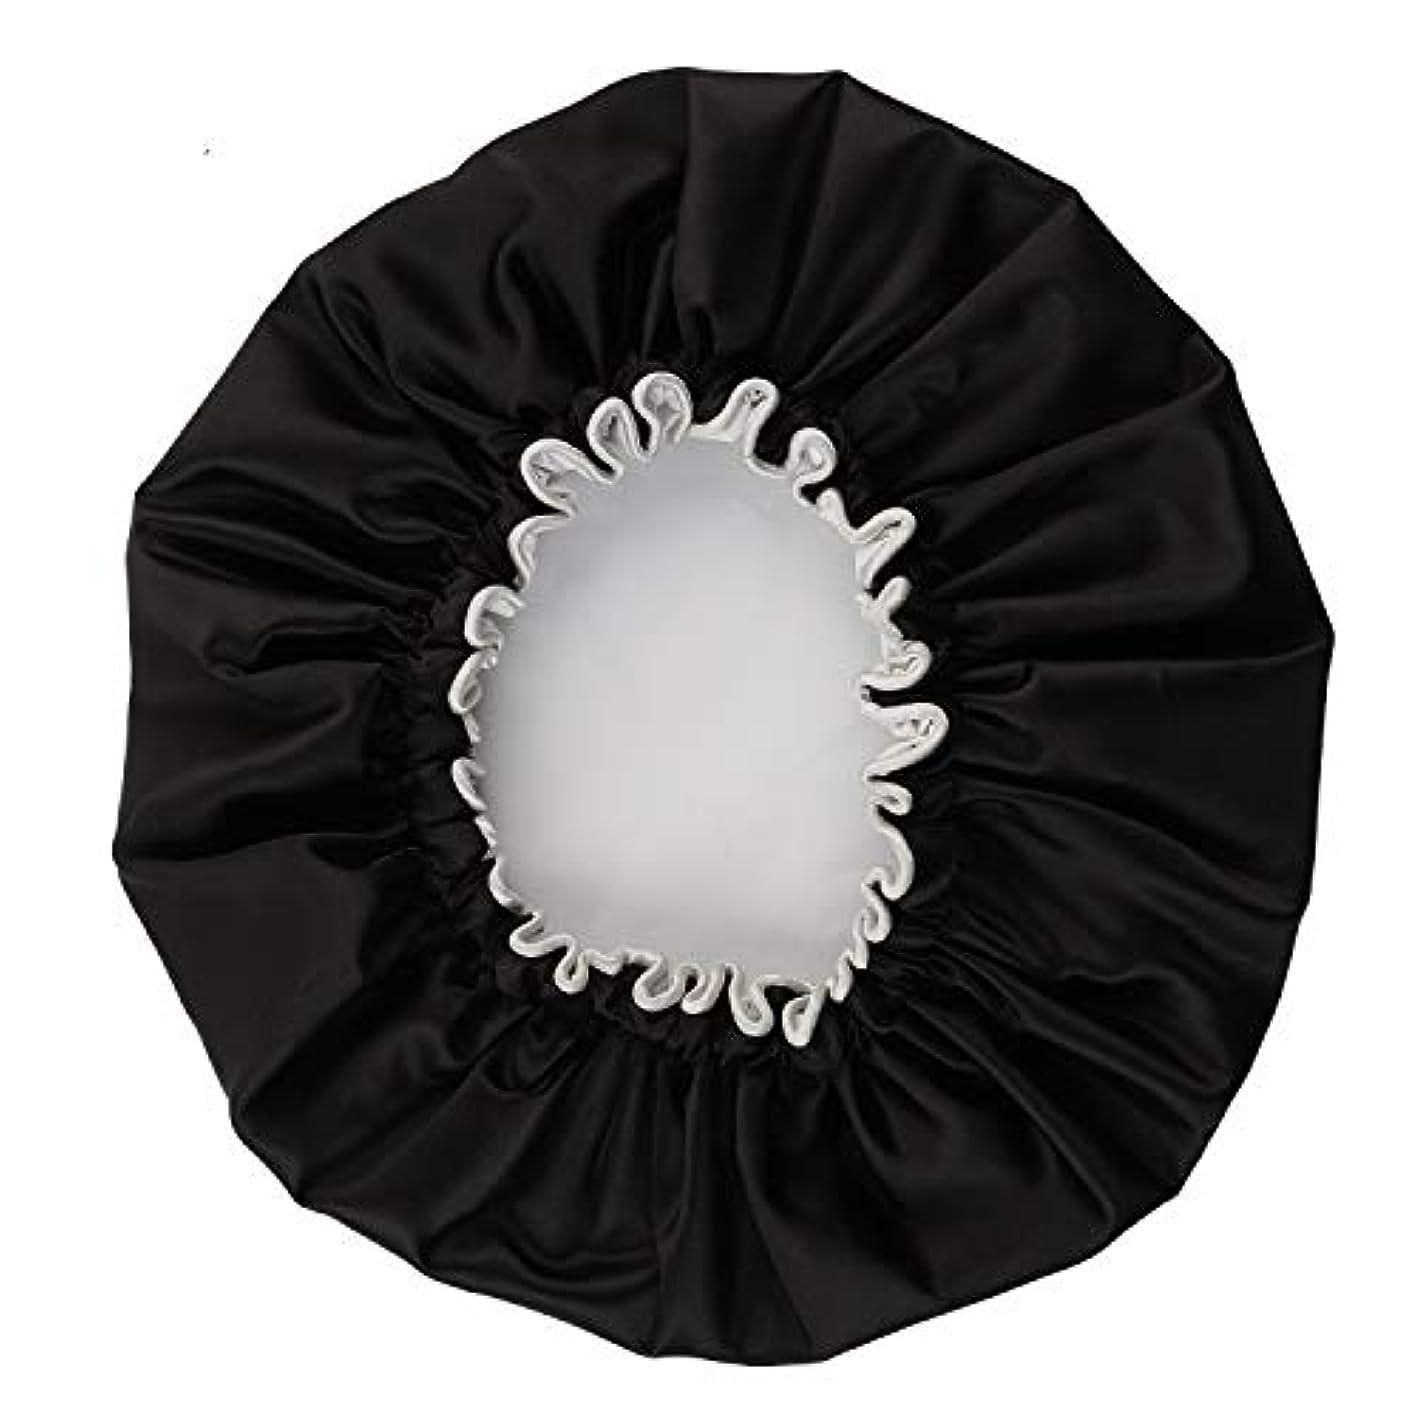 気分飢饉どう?NEOVIVA シャワーキャップ 可愛い ヘアキャップ ヘアーキャップ ヘアーターバン 防水帽 入浴キャップ 帽子 お風呂 旅行セット ブラック